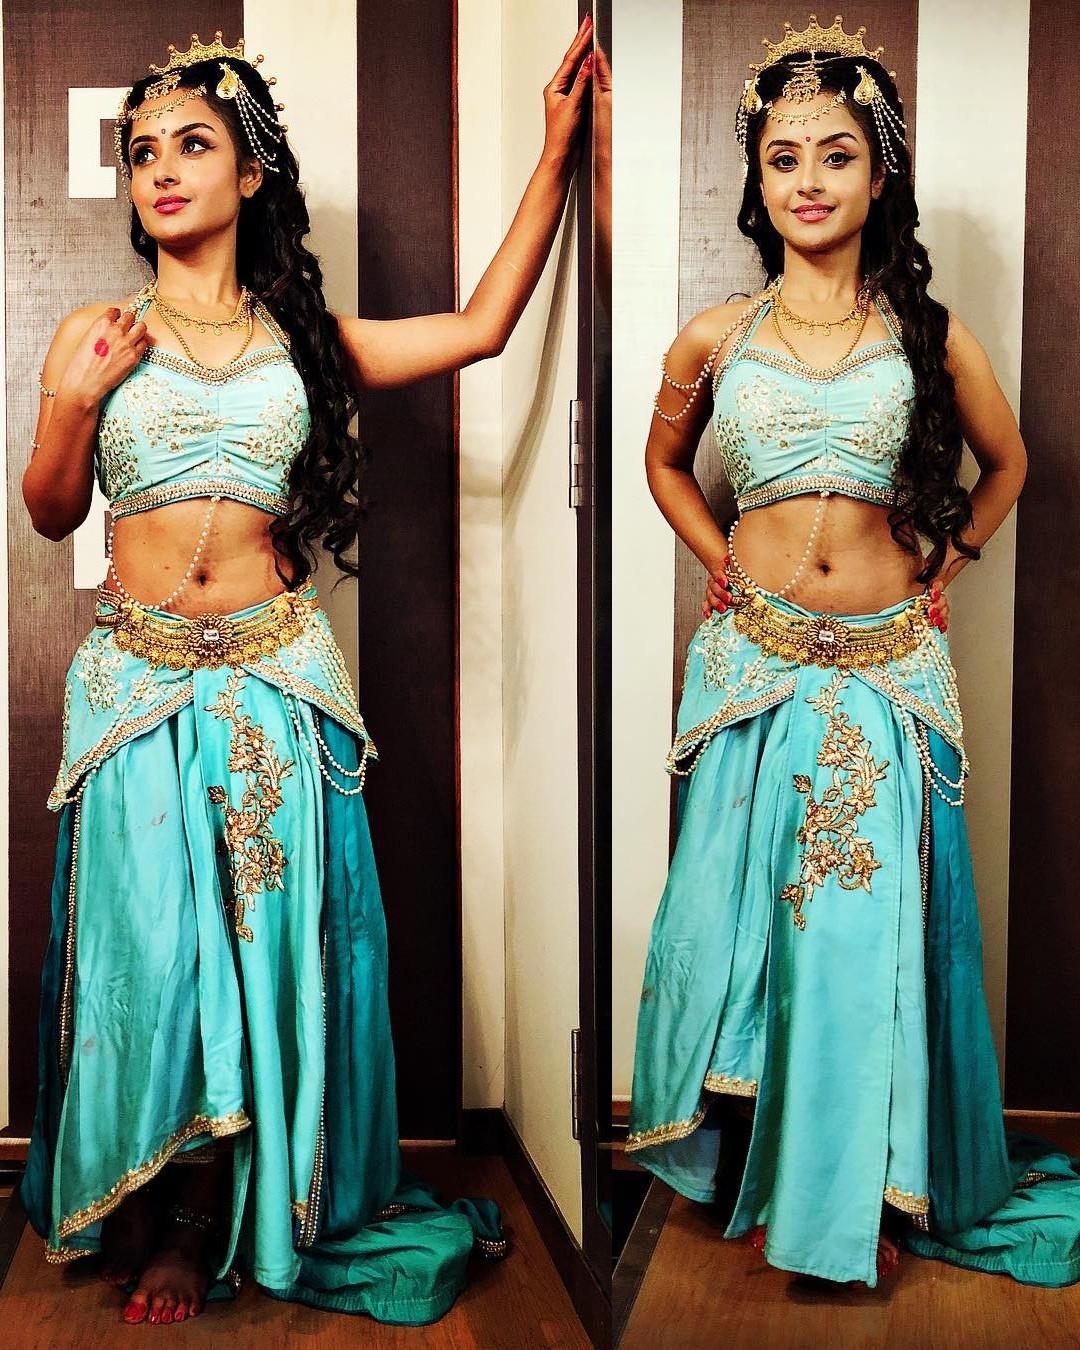 Ishita ganguly hindi tv actress CTS2 9 hot pic